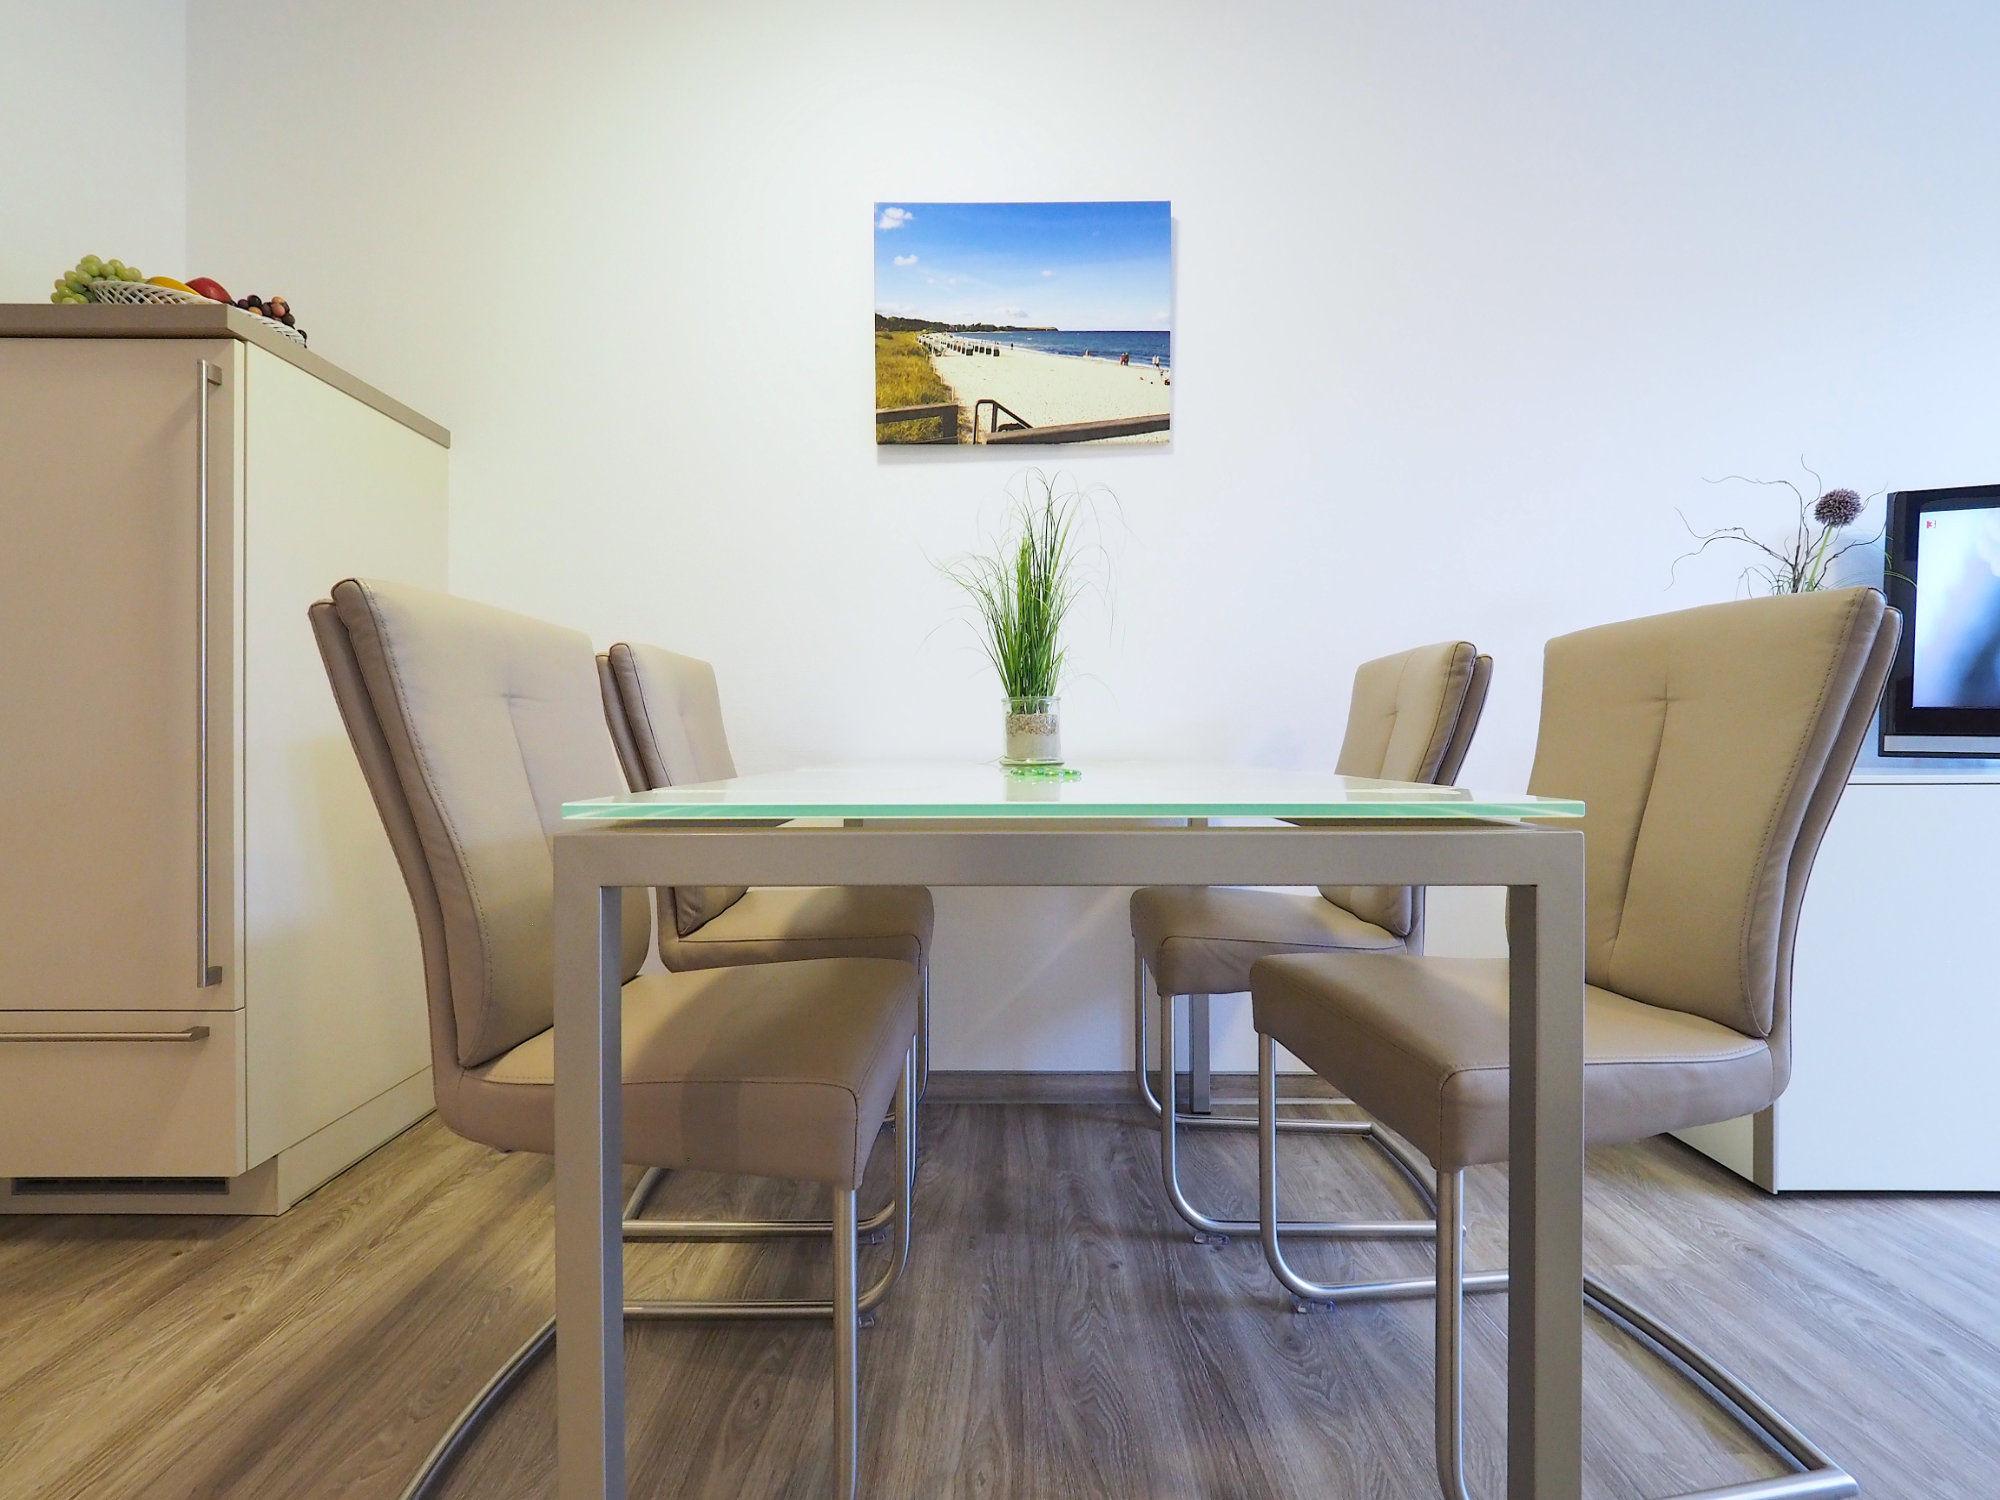 Esstisch mit vier Stühlen